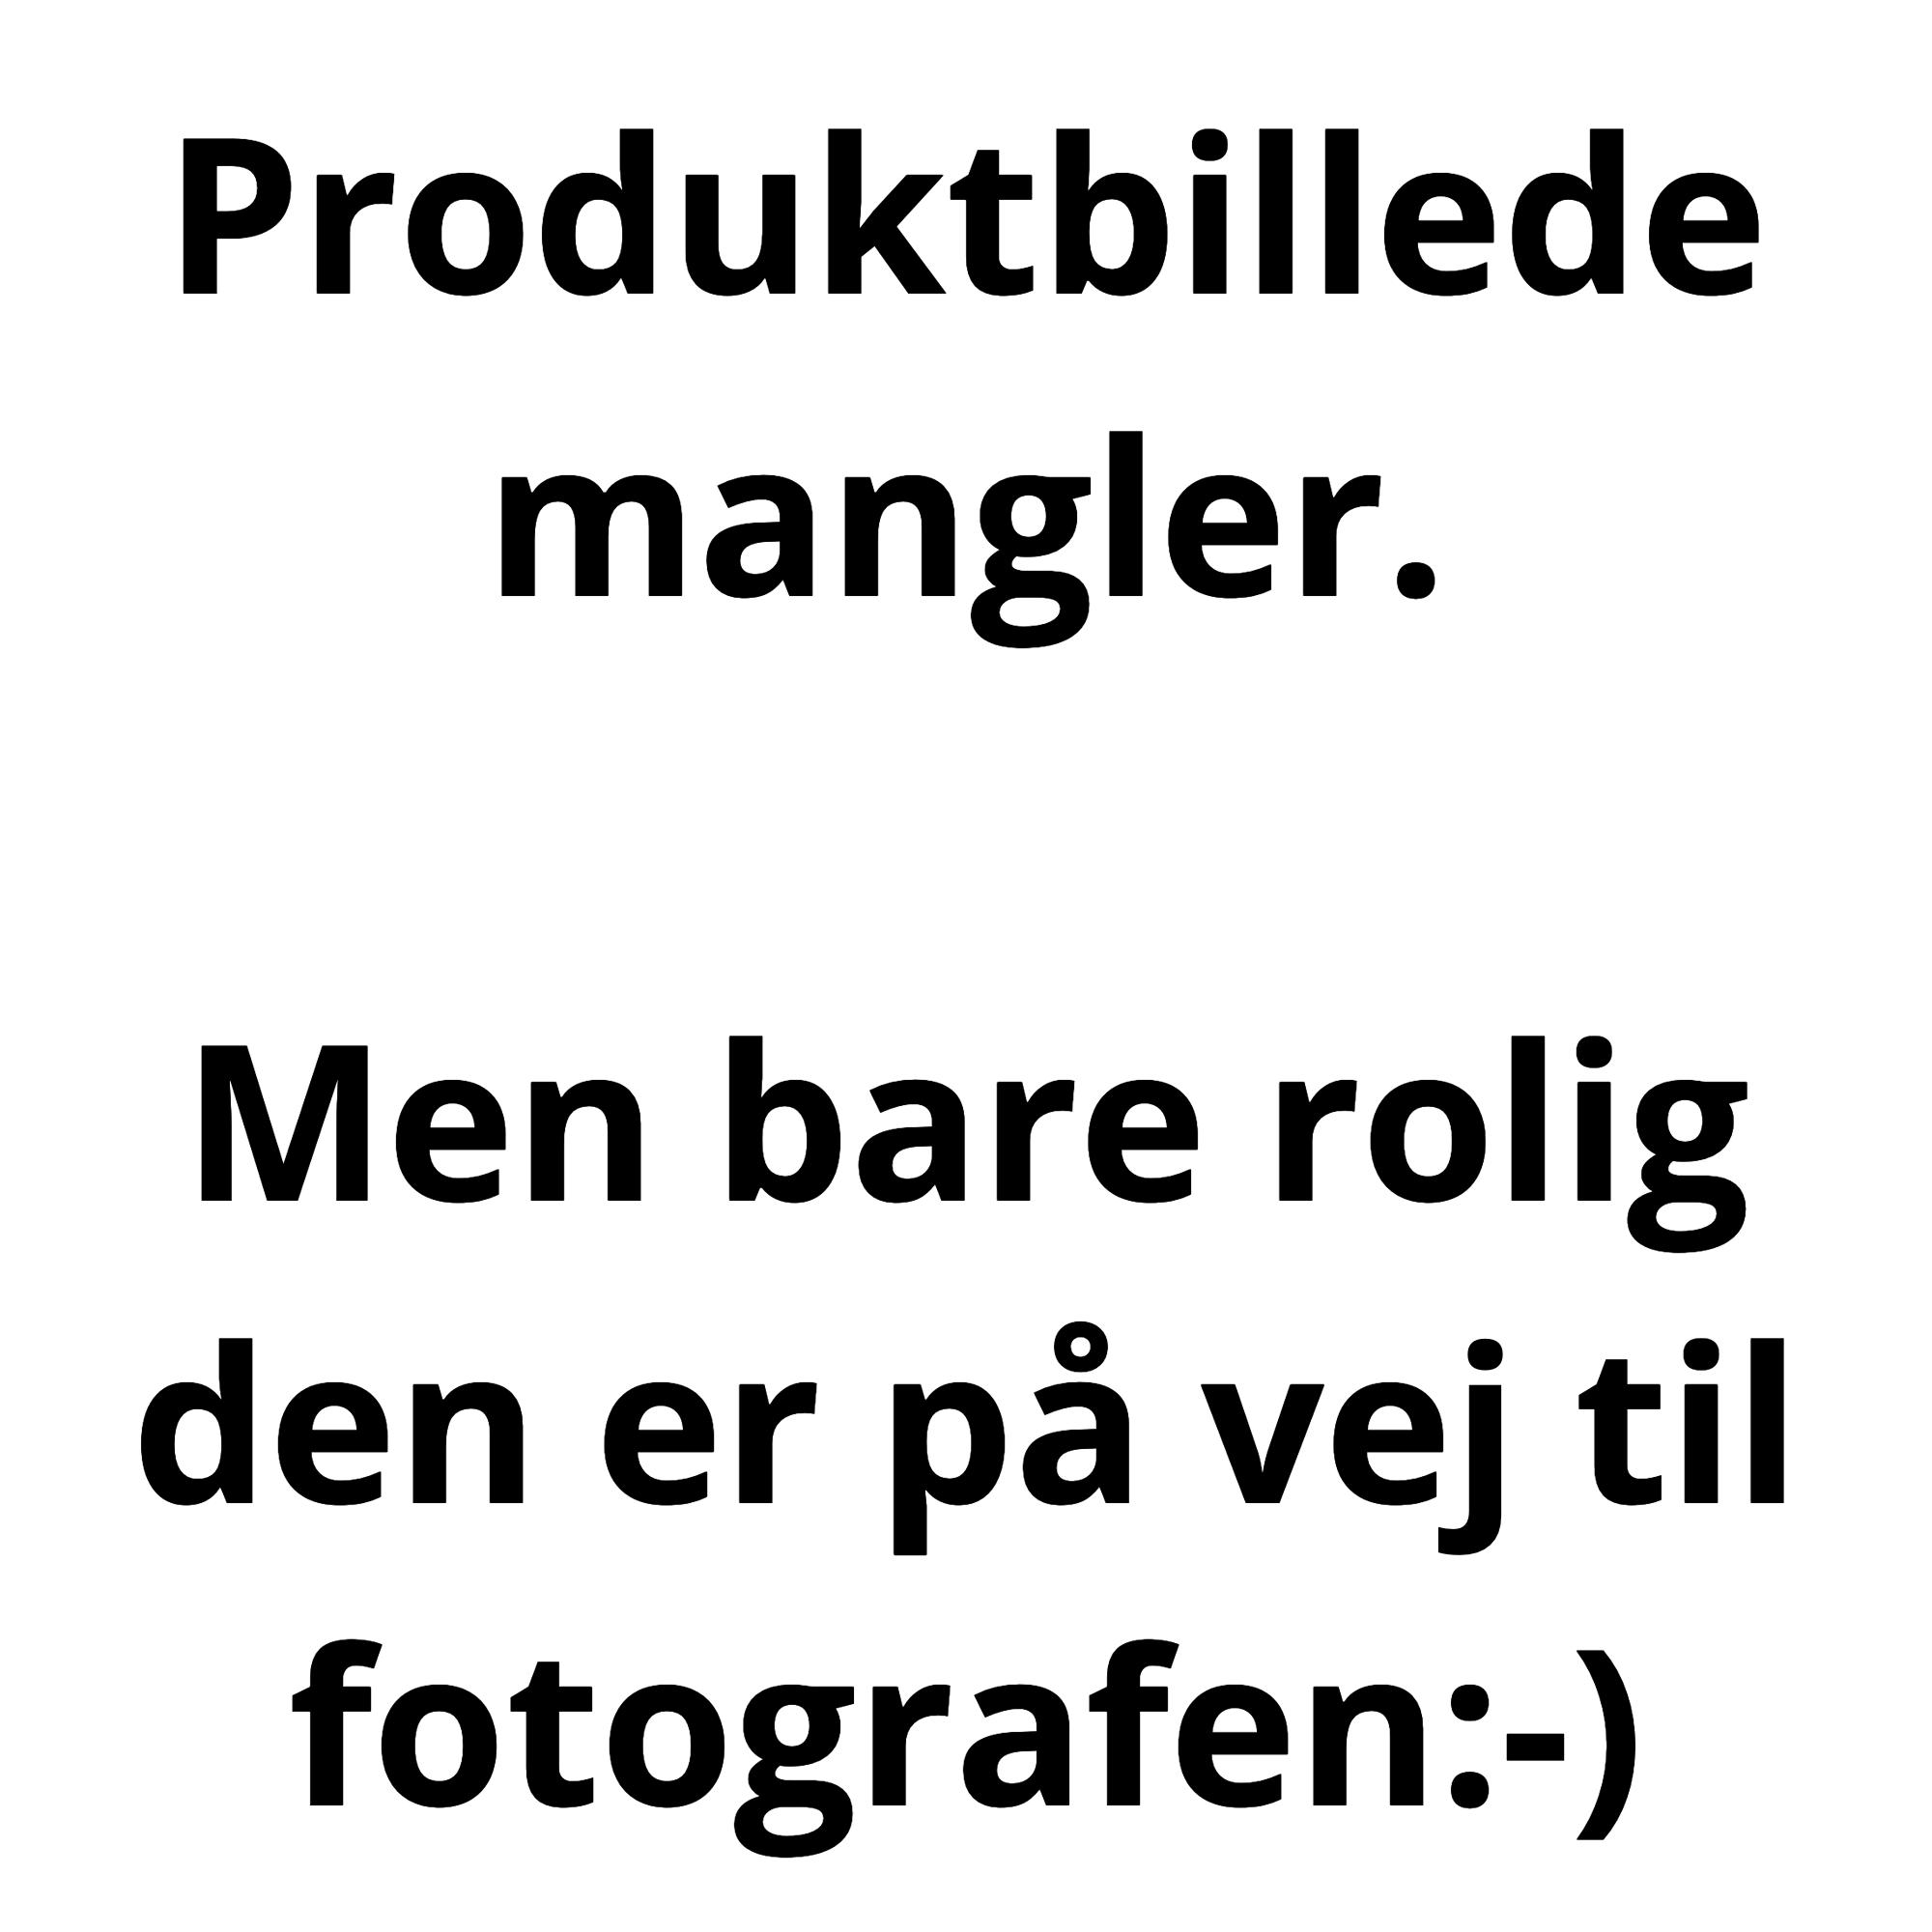 Brodit Aktiv Tablet Holder til Samsung Galaxy Tab 3 7.0 med lås og nøgler - 535543